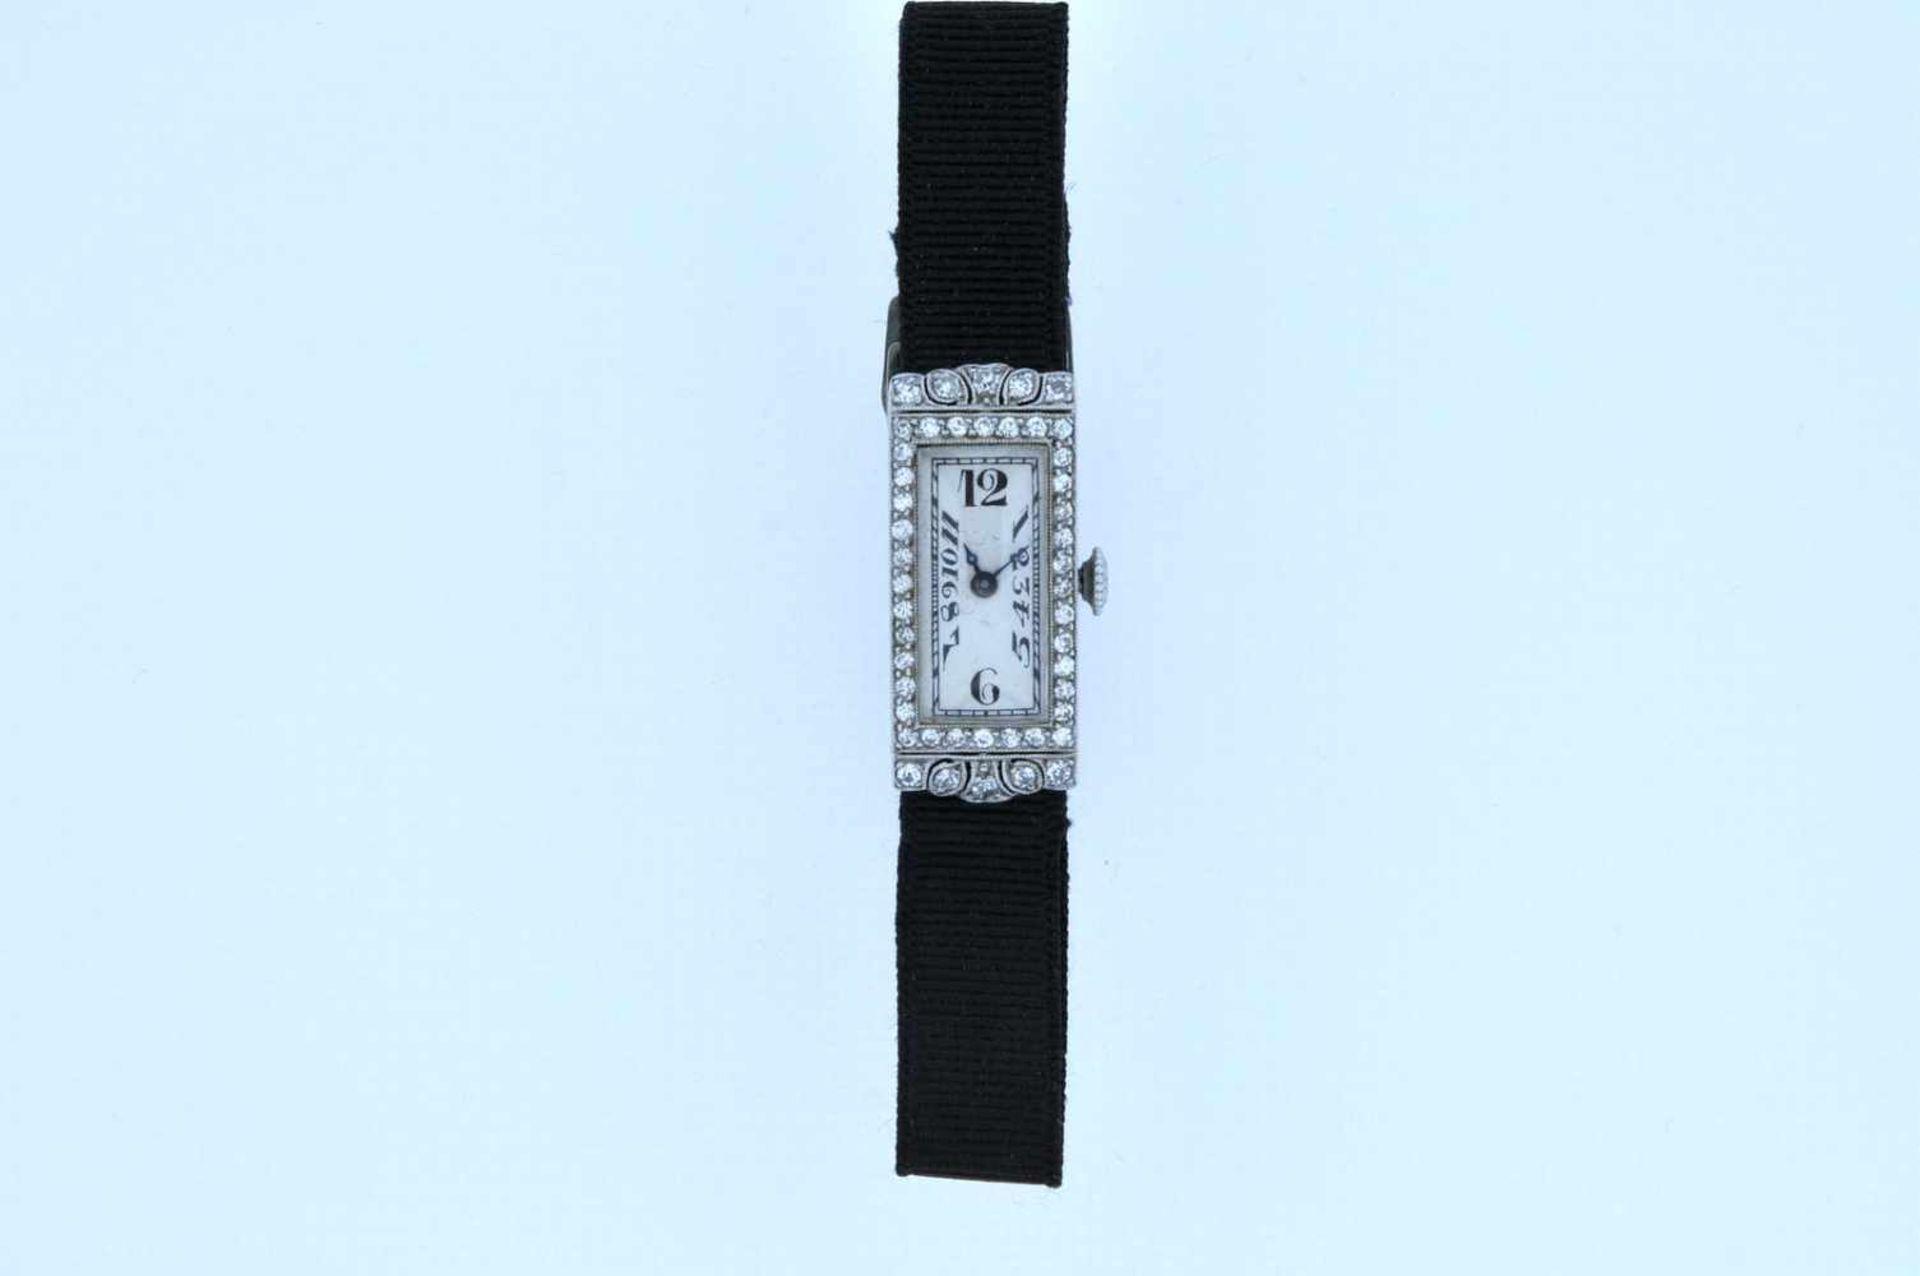 Los 11 - Damenuhr Art-Deco Platin Damenuhr mit Achtkantdiamanten, zus.ca. 0,60 ct, Handaufzug, Ankerwerk,